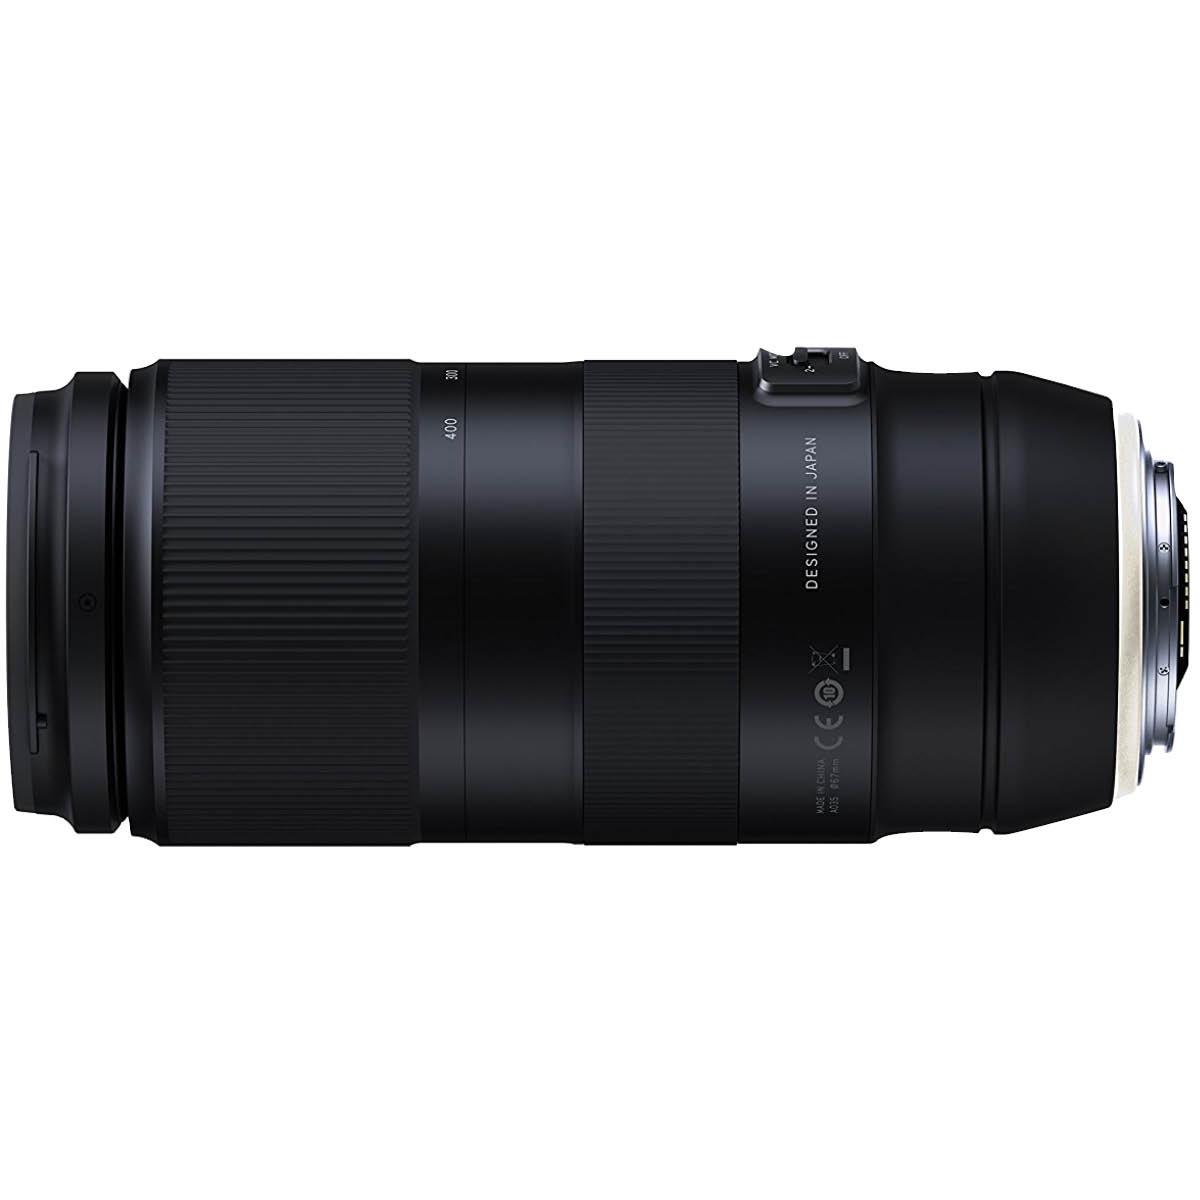 Tamron 100-400 mm 1:4,5-6,3 Di VC USD FX